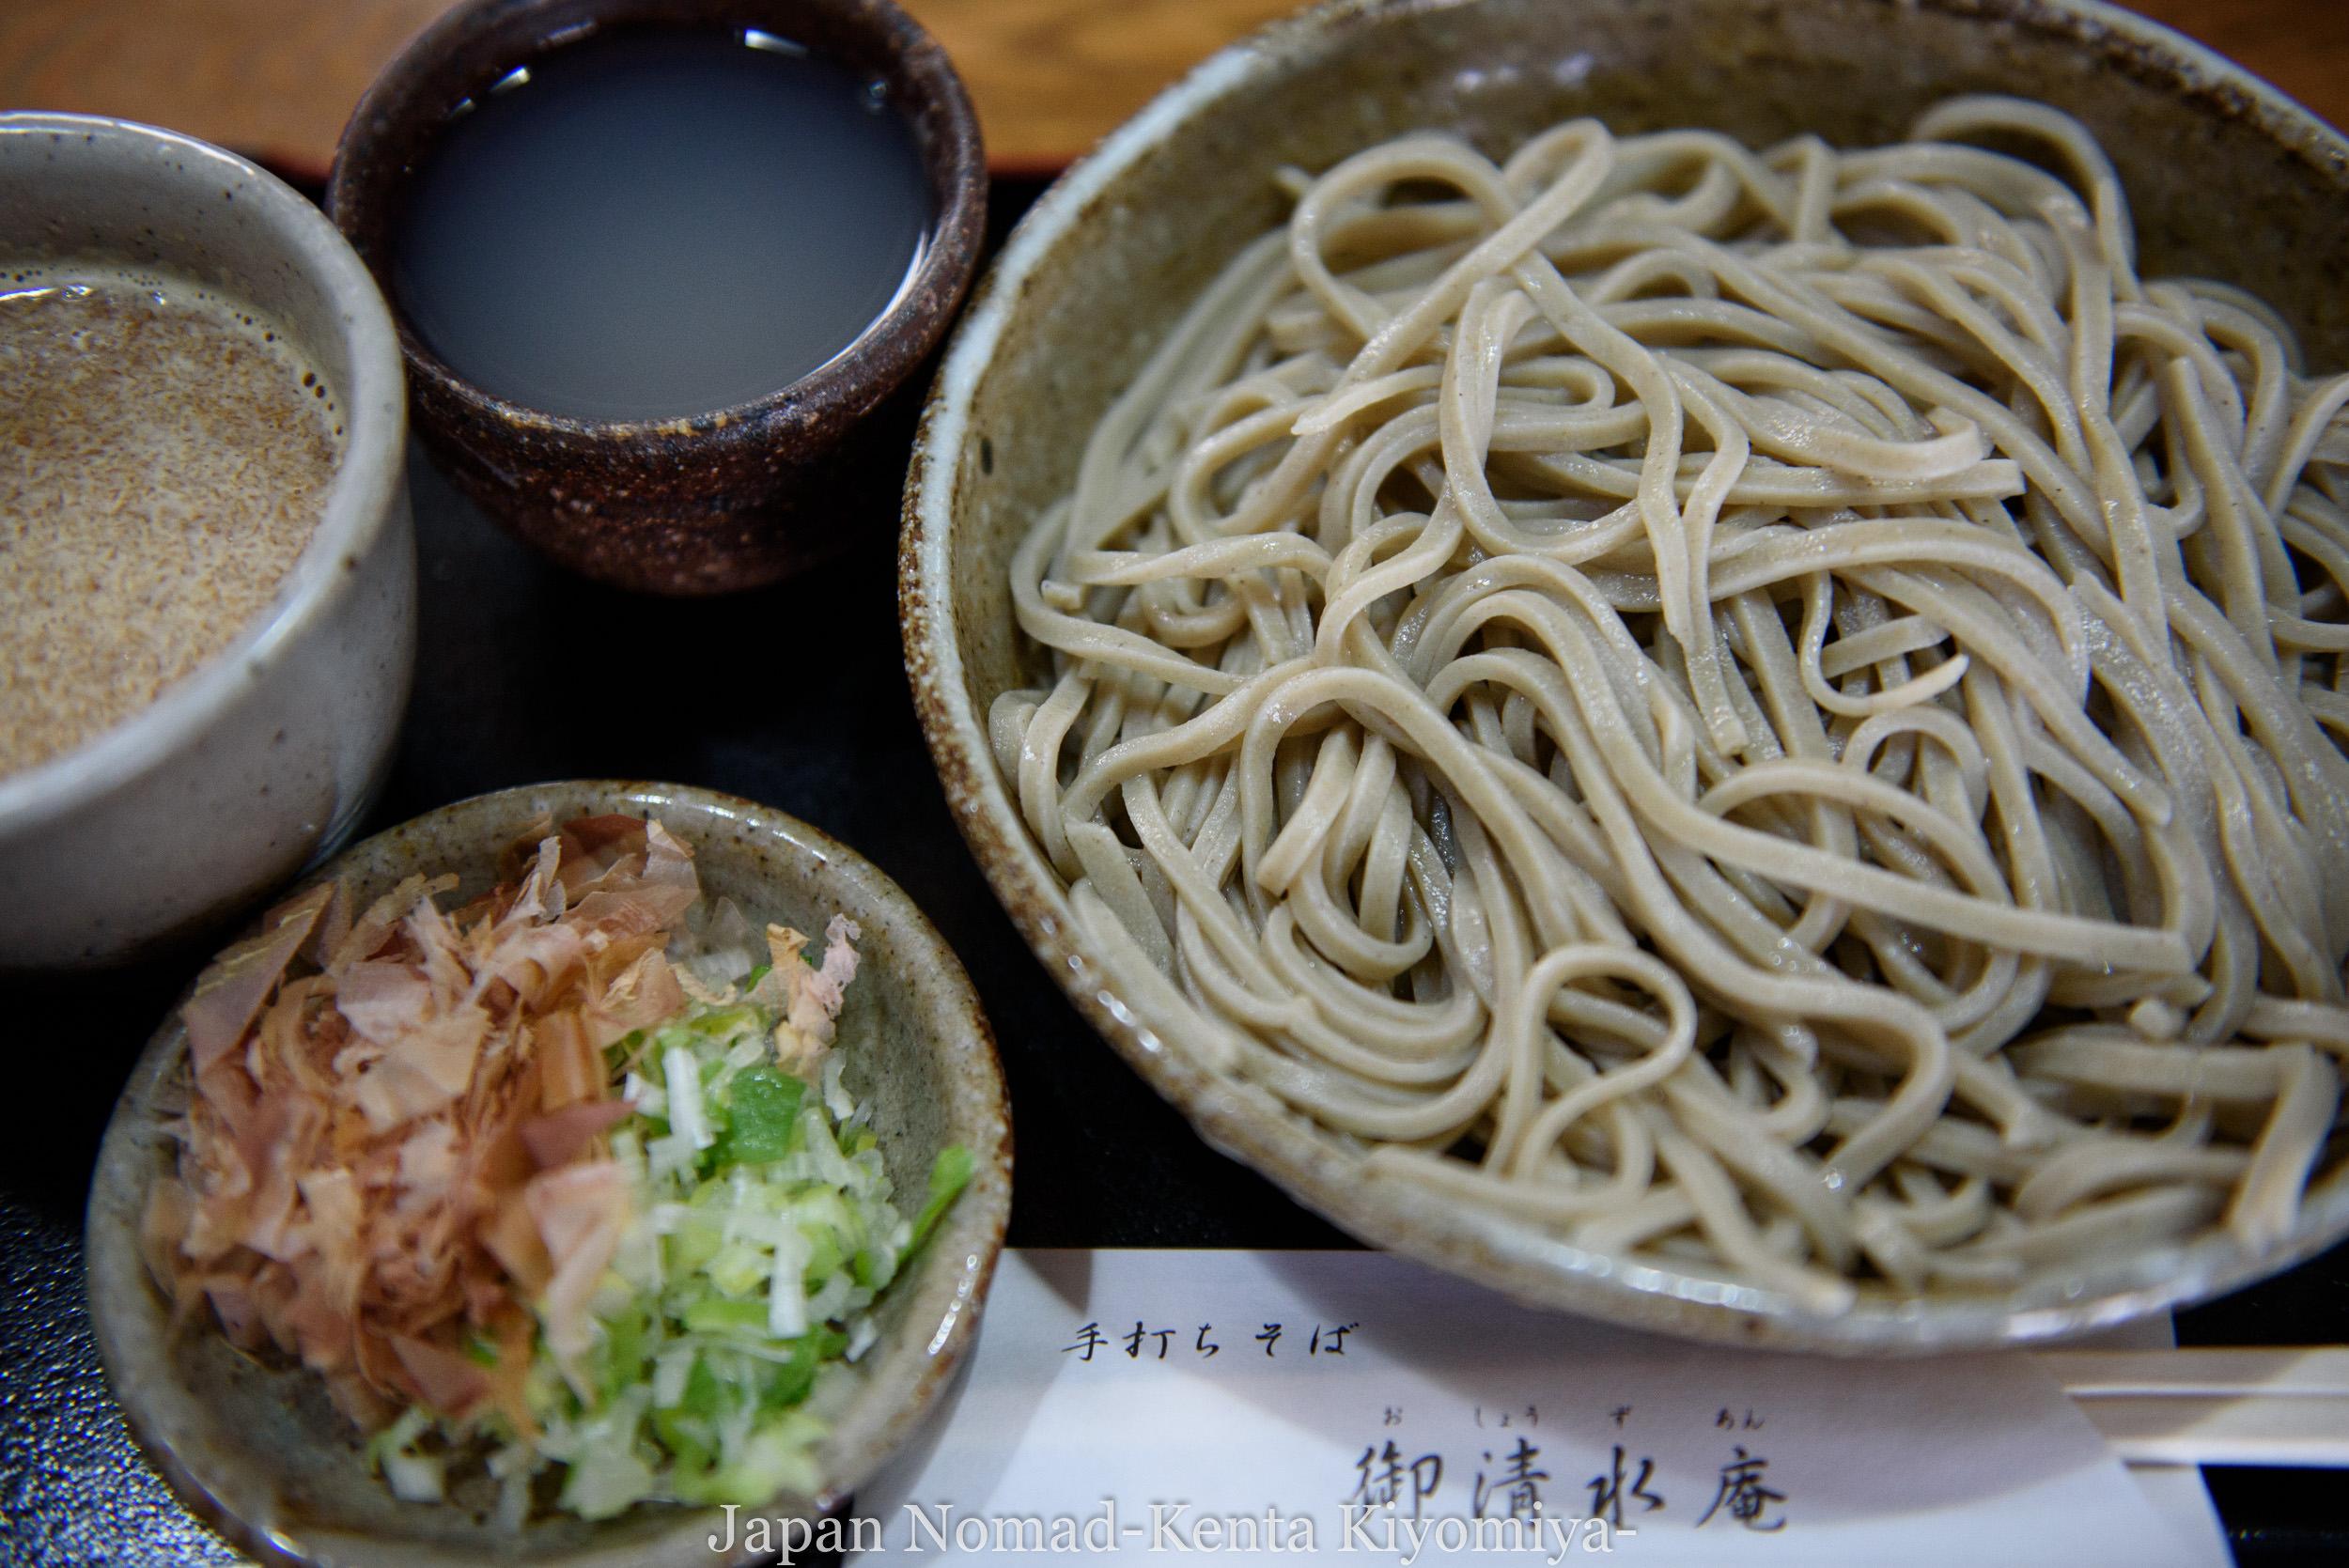 【旅154日目】越前市でお美味しい蕎麦が食べたきゃここへ行け!「御清水庵」のおろし蕎麦